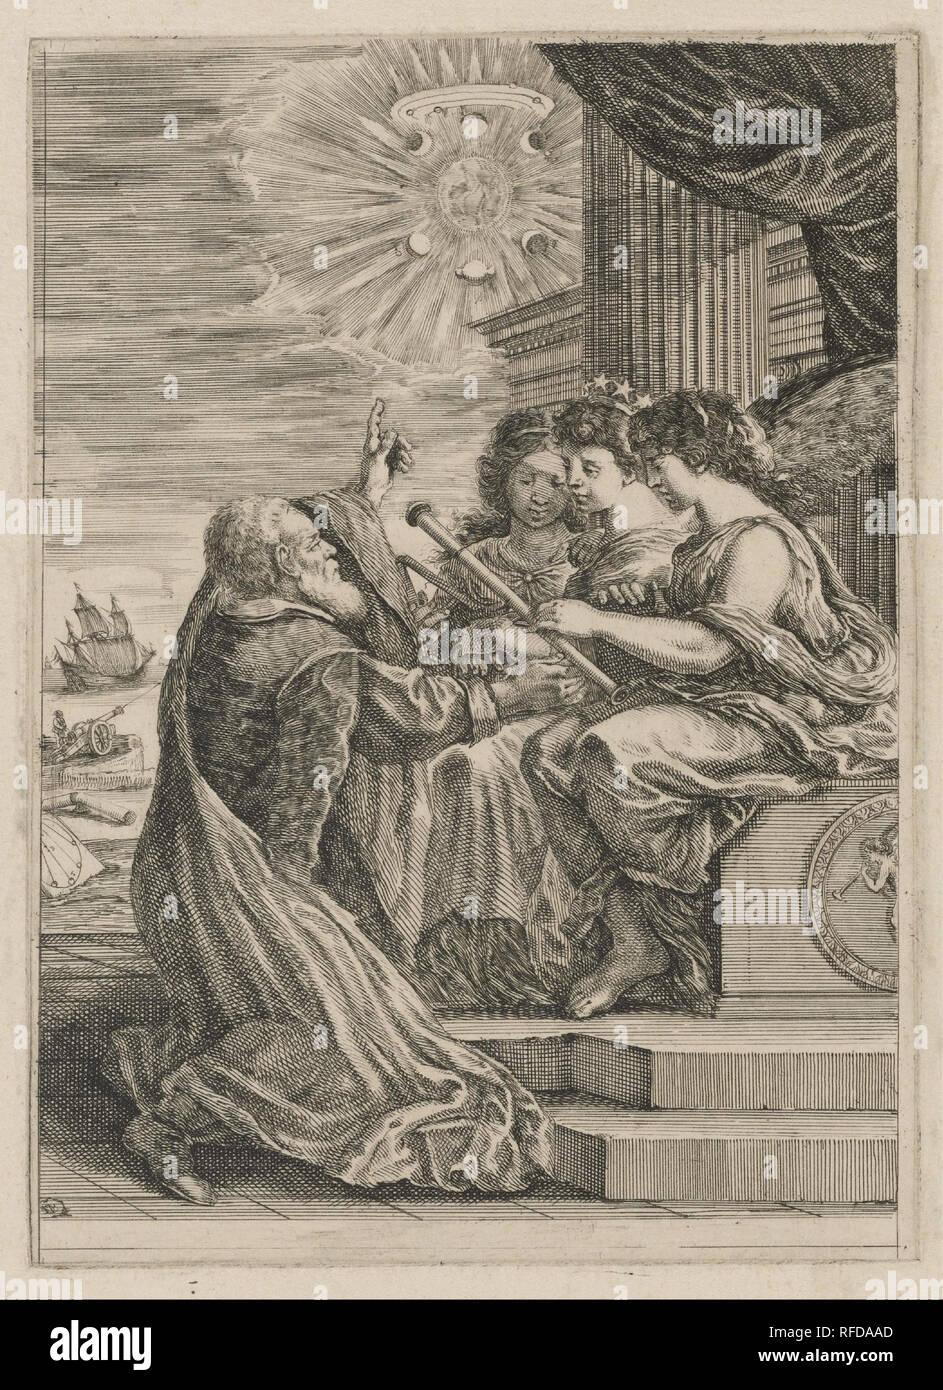 Frontespizio per opere de Galileo Galilei. Data/Periodo: 1656. Attacco chimico. Larghezza: 17,8 cm. Altezza: 24,9 cm (foglio). Autore: Stefano della Bella. Immagini Stock